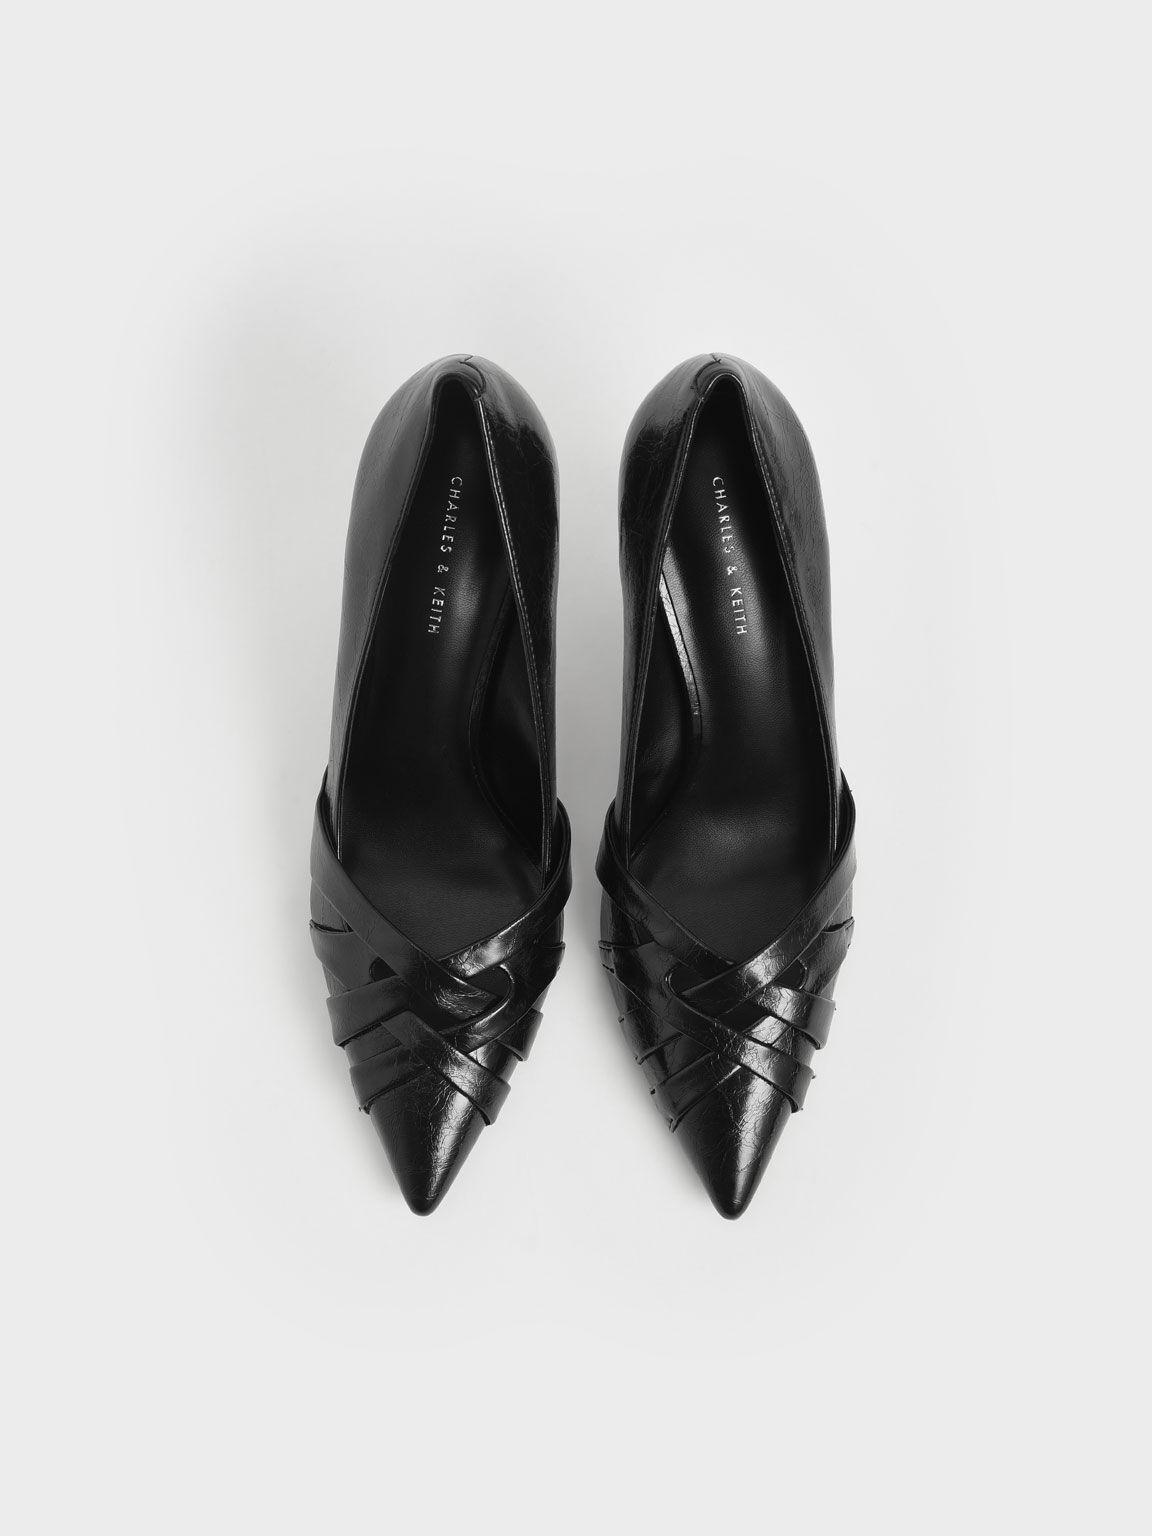 Woven Patent Stiletto Pumps, Black, hi-res